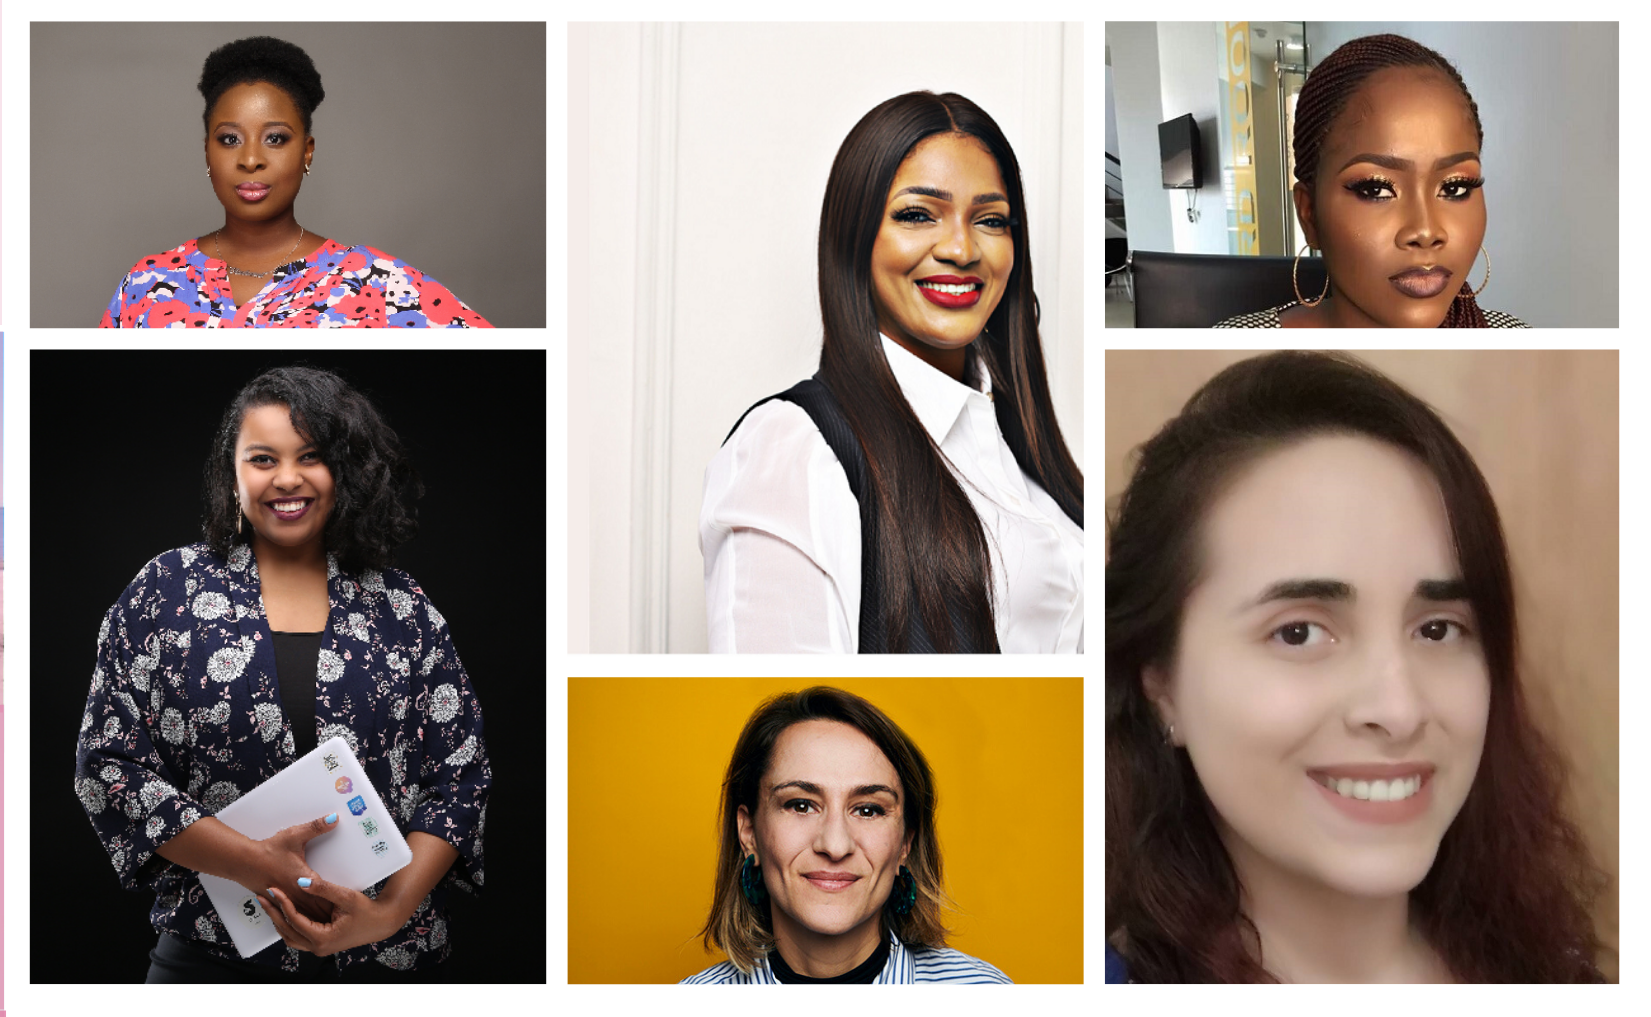 For Creative Girls 2020 Mentorship Program for Emerging Female Creatives